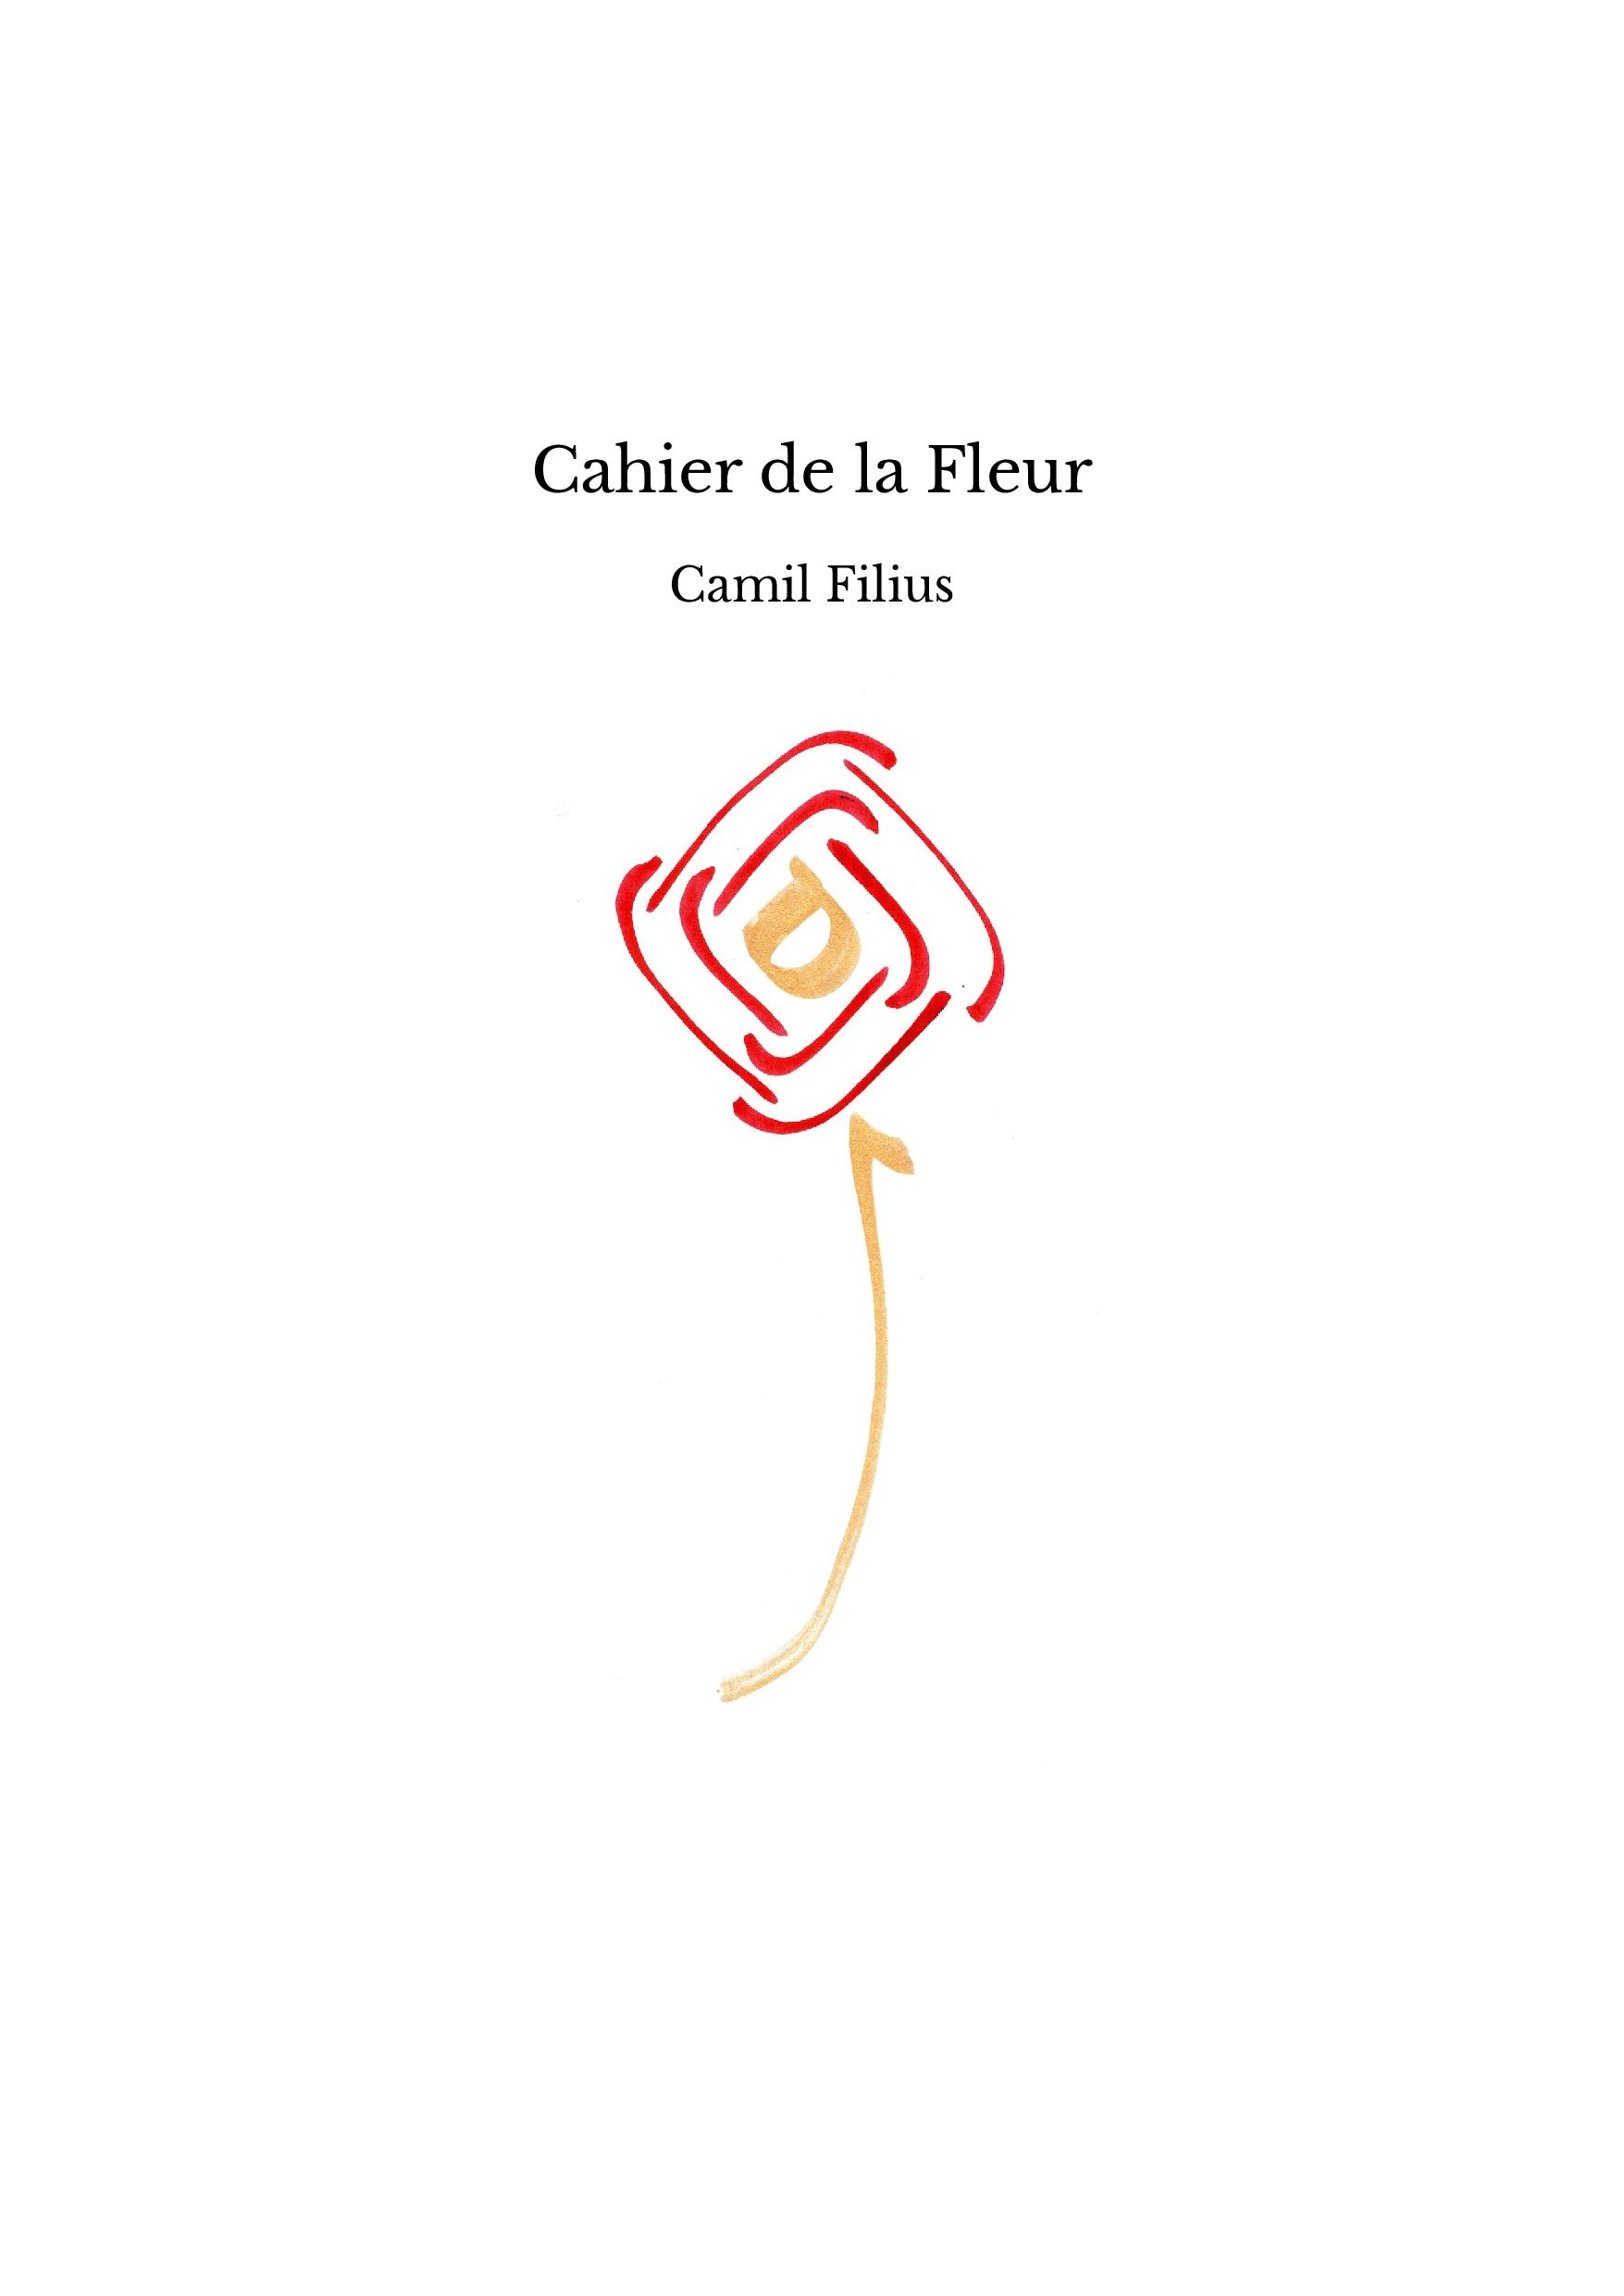 Cahier de la Fleur